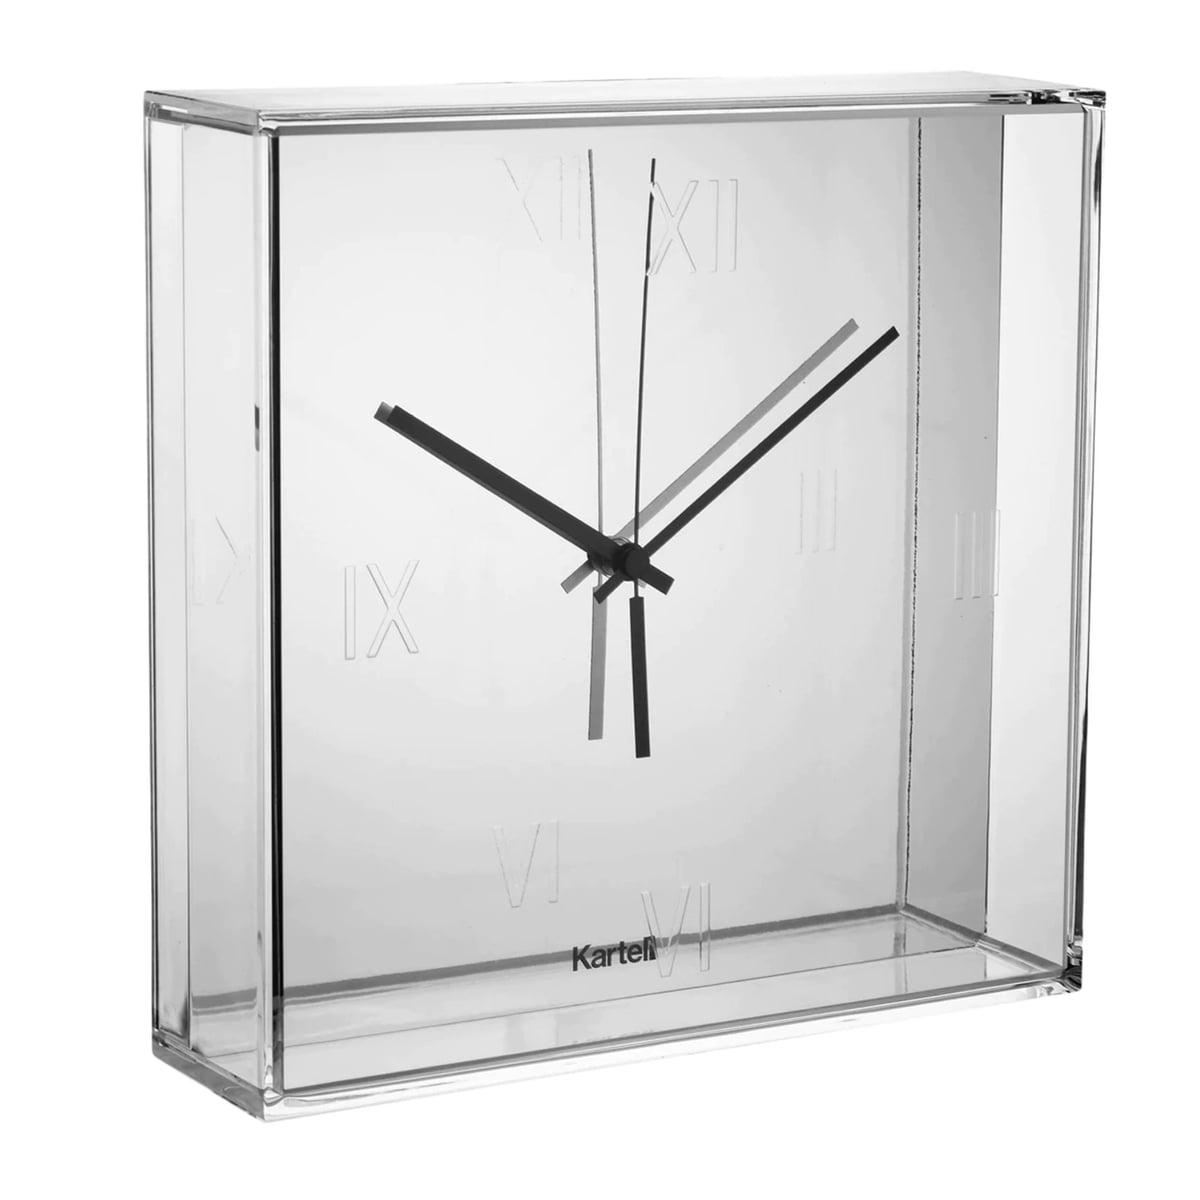 tic  tac wall clock  kartell  shop - kartell  tic  tac wall clock